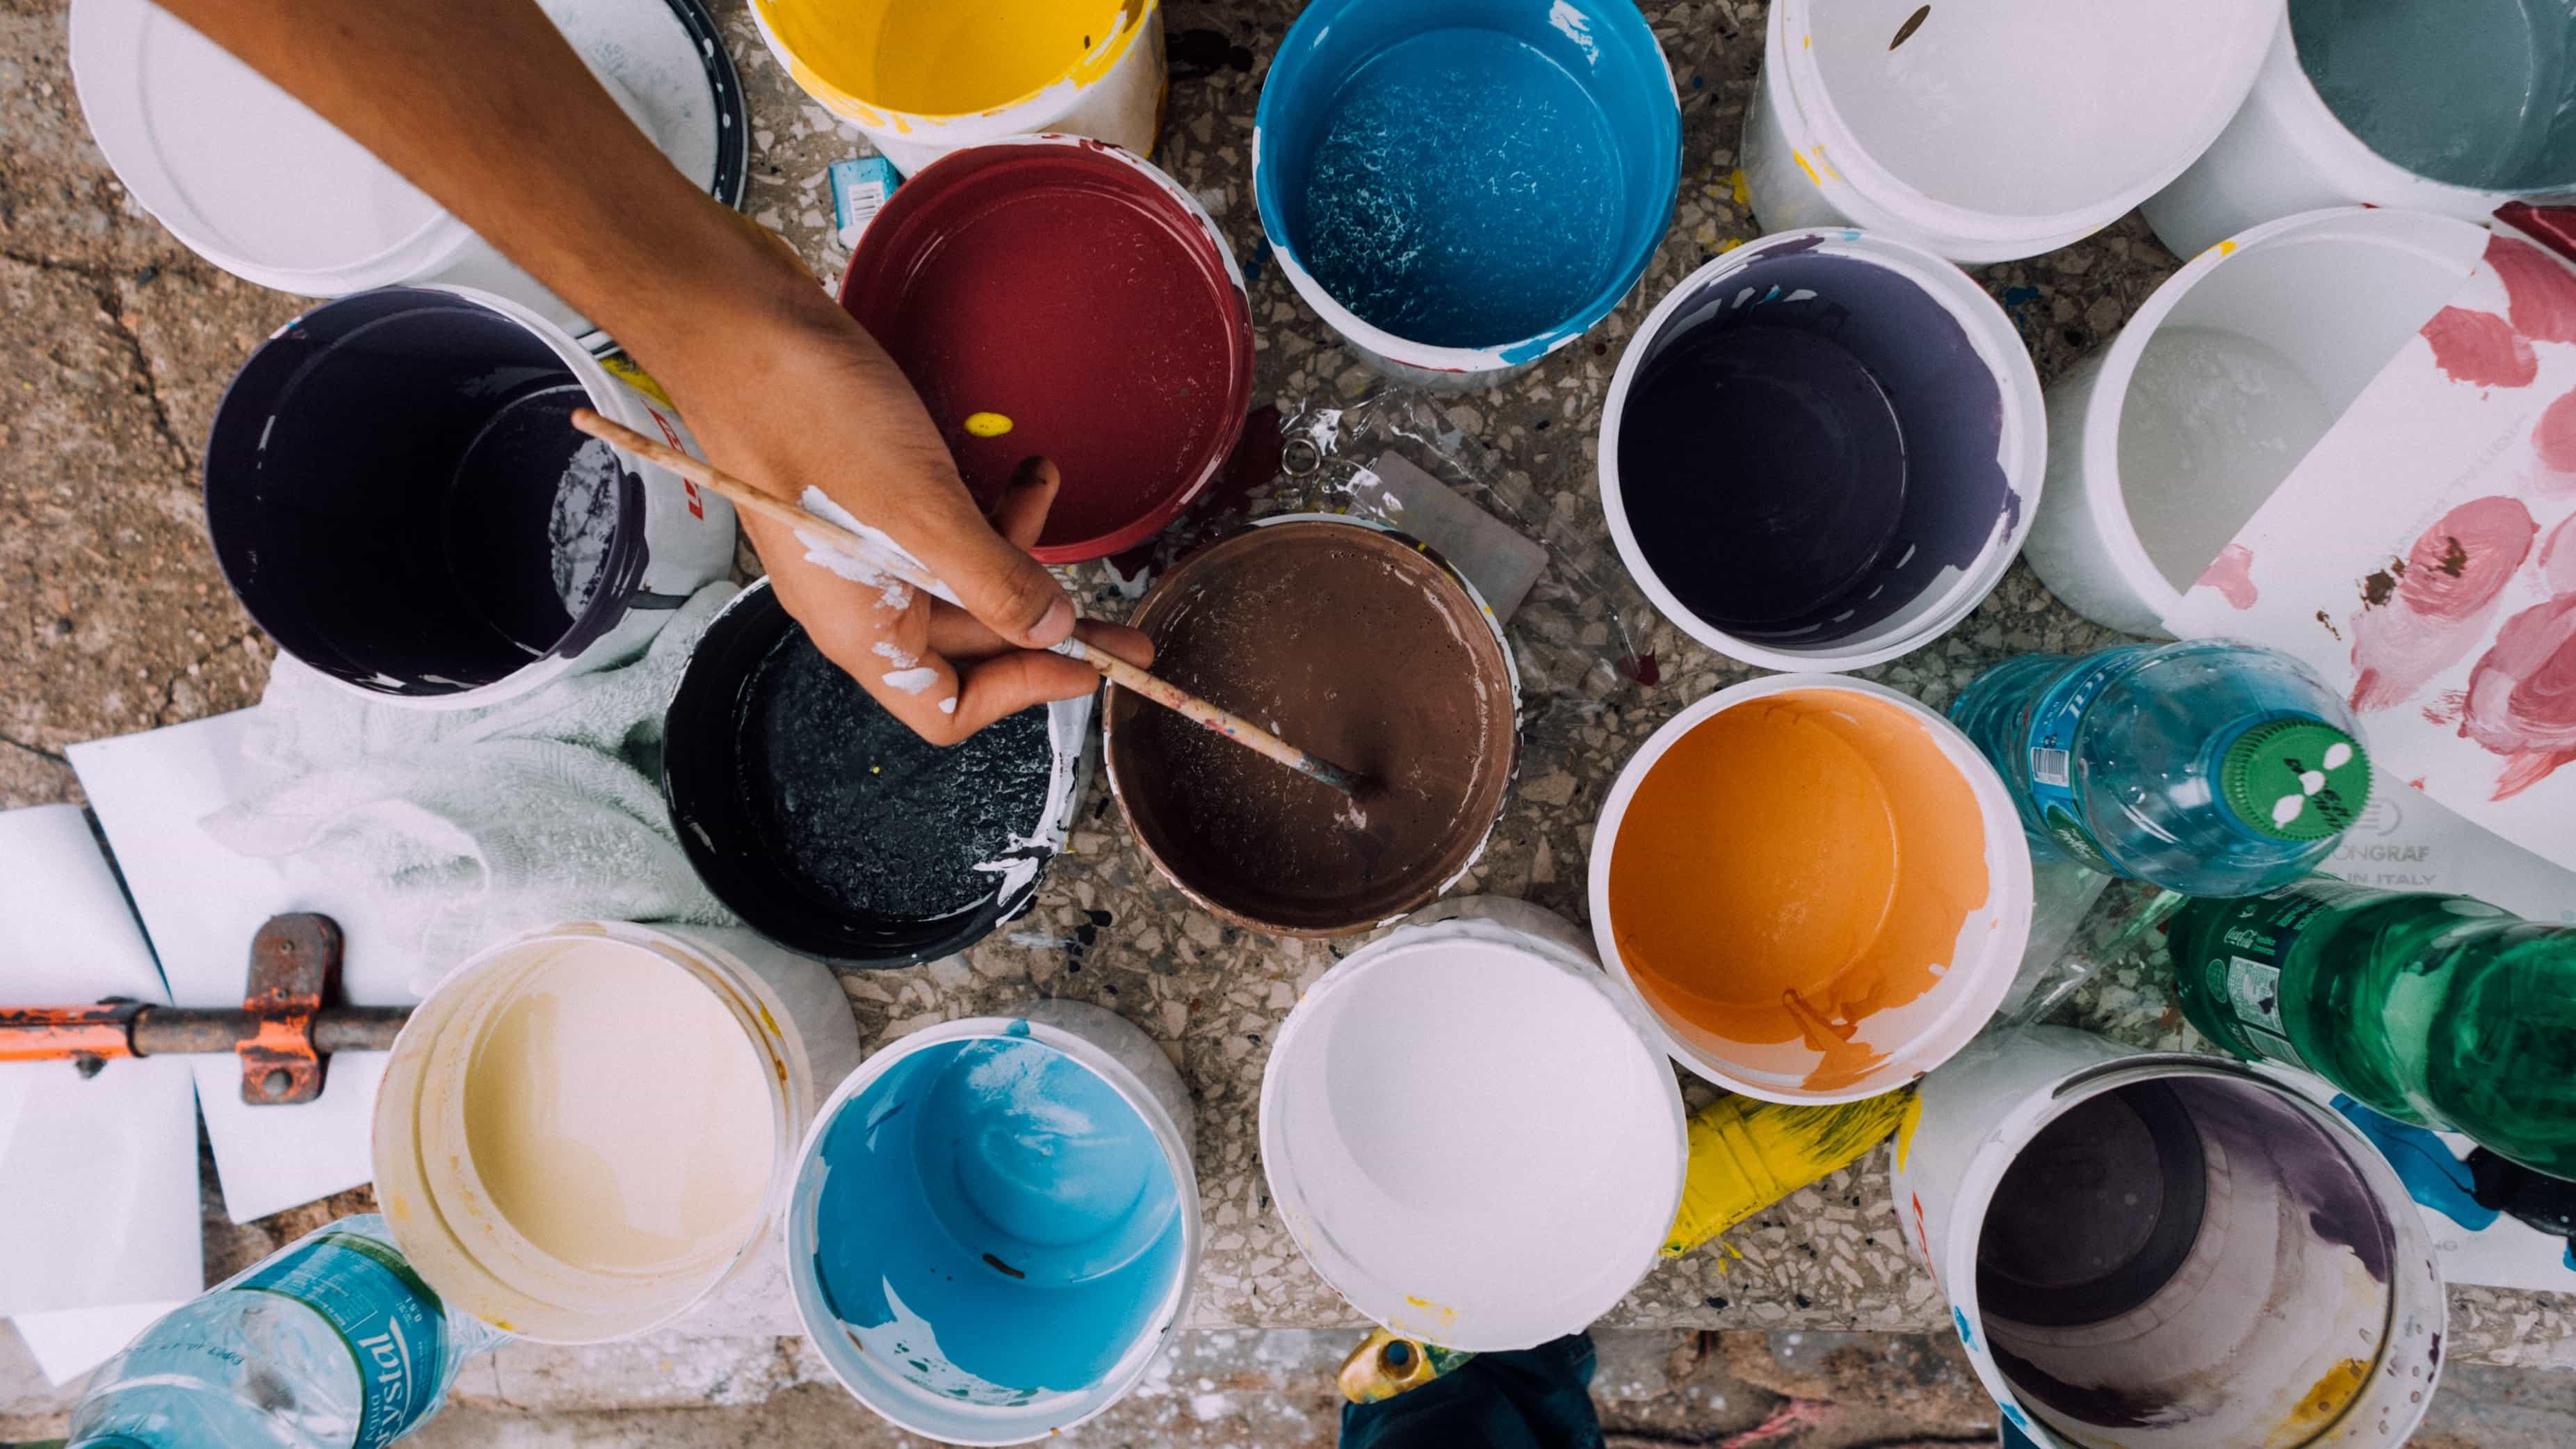 Réaliser ses travaux de peinture soi-même